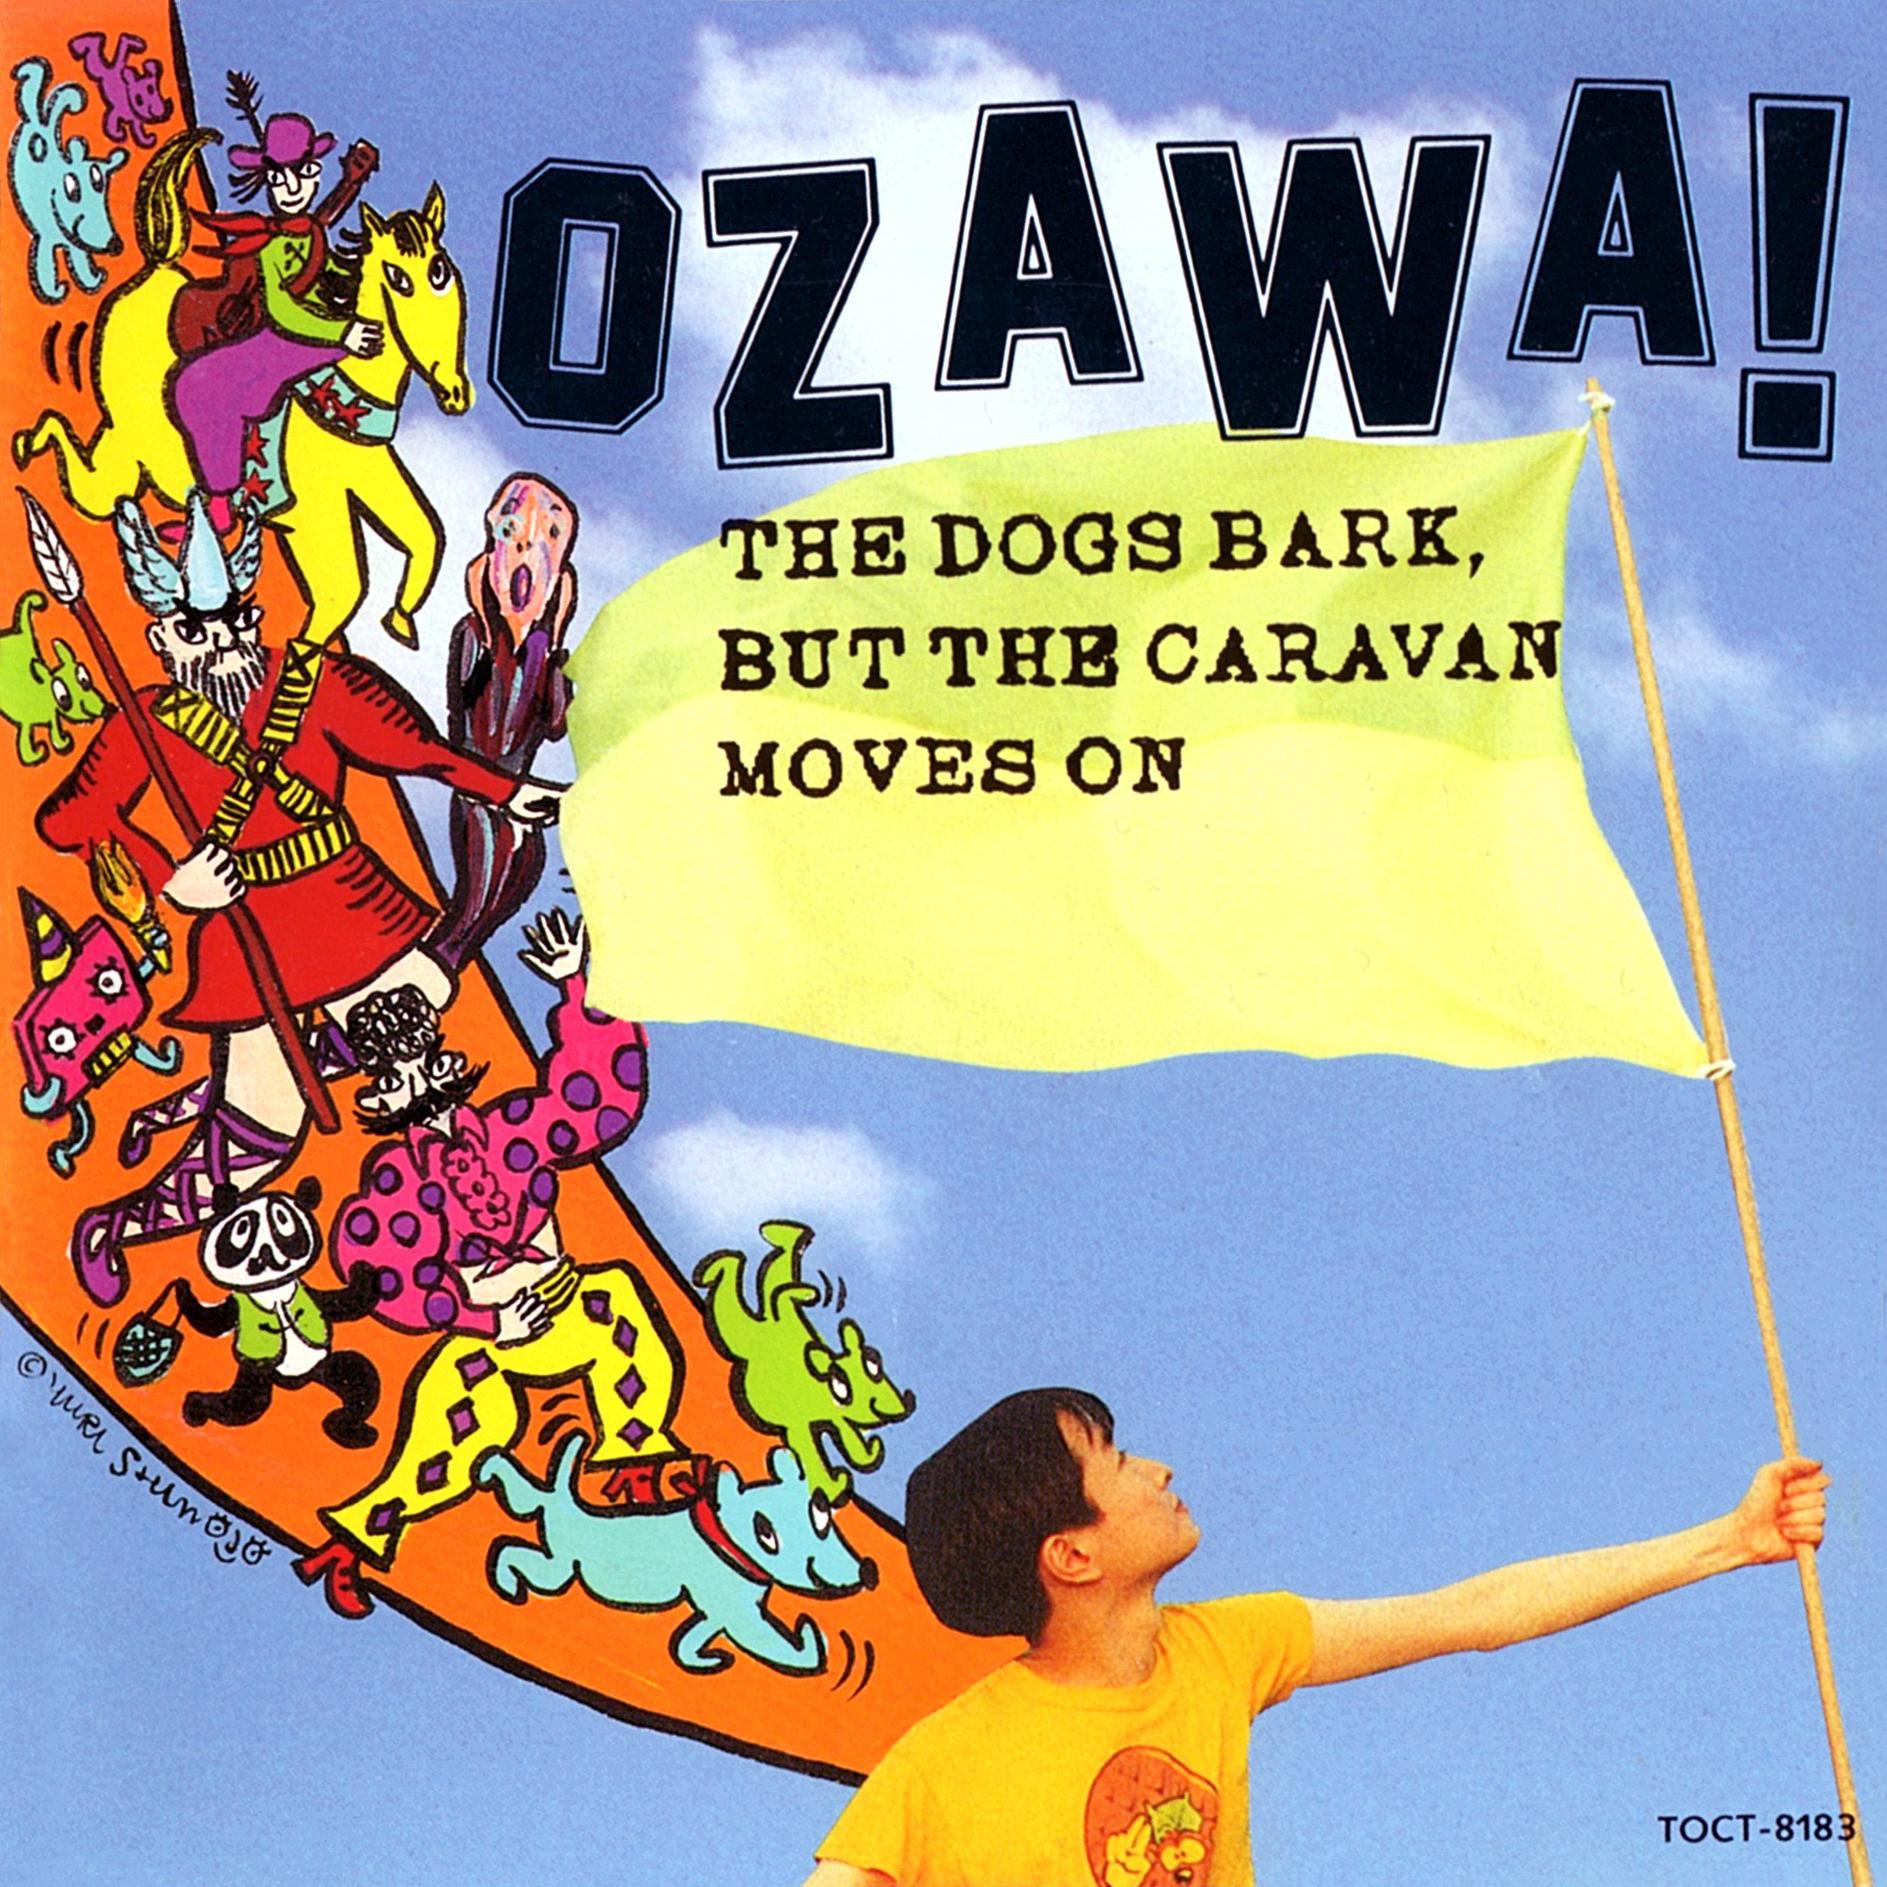 小沢健二 (おざわけんじ) 1stアルバム『犬は吠えるがキャラバンは進む』(1993年9月29日発売) 高画質CDジャケット画像